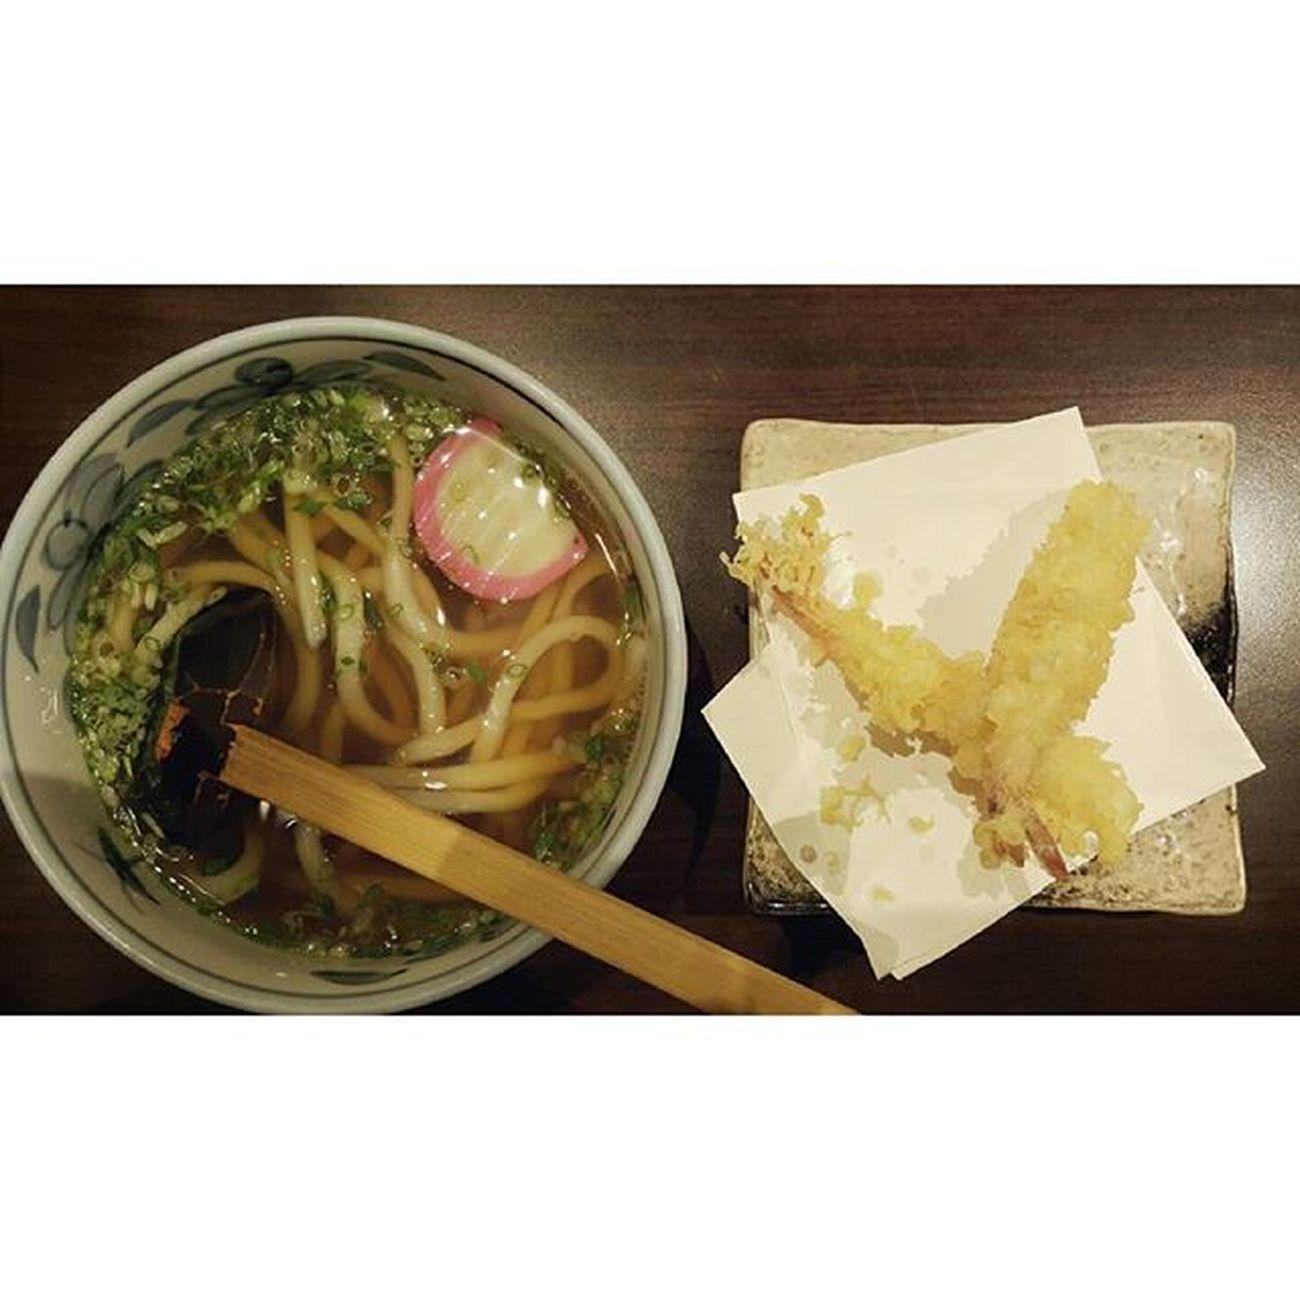 Udon with Shrimp Tempyra エビの天ぷらとうどん อุด้งร้อนเทมปุระกุ้ง Satonoudon Mercuryville Chitlom Japanesefood udonnoodles